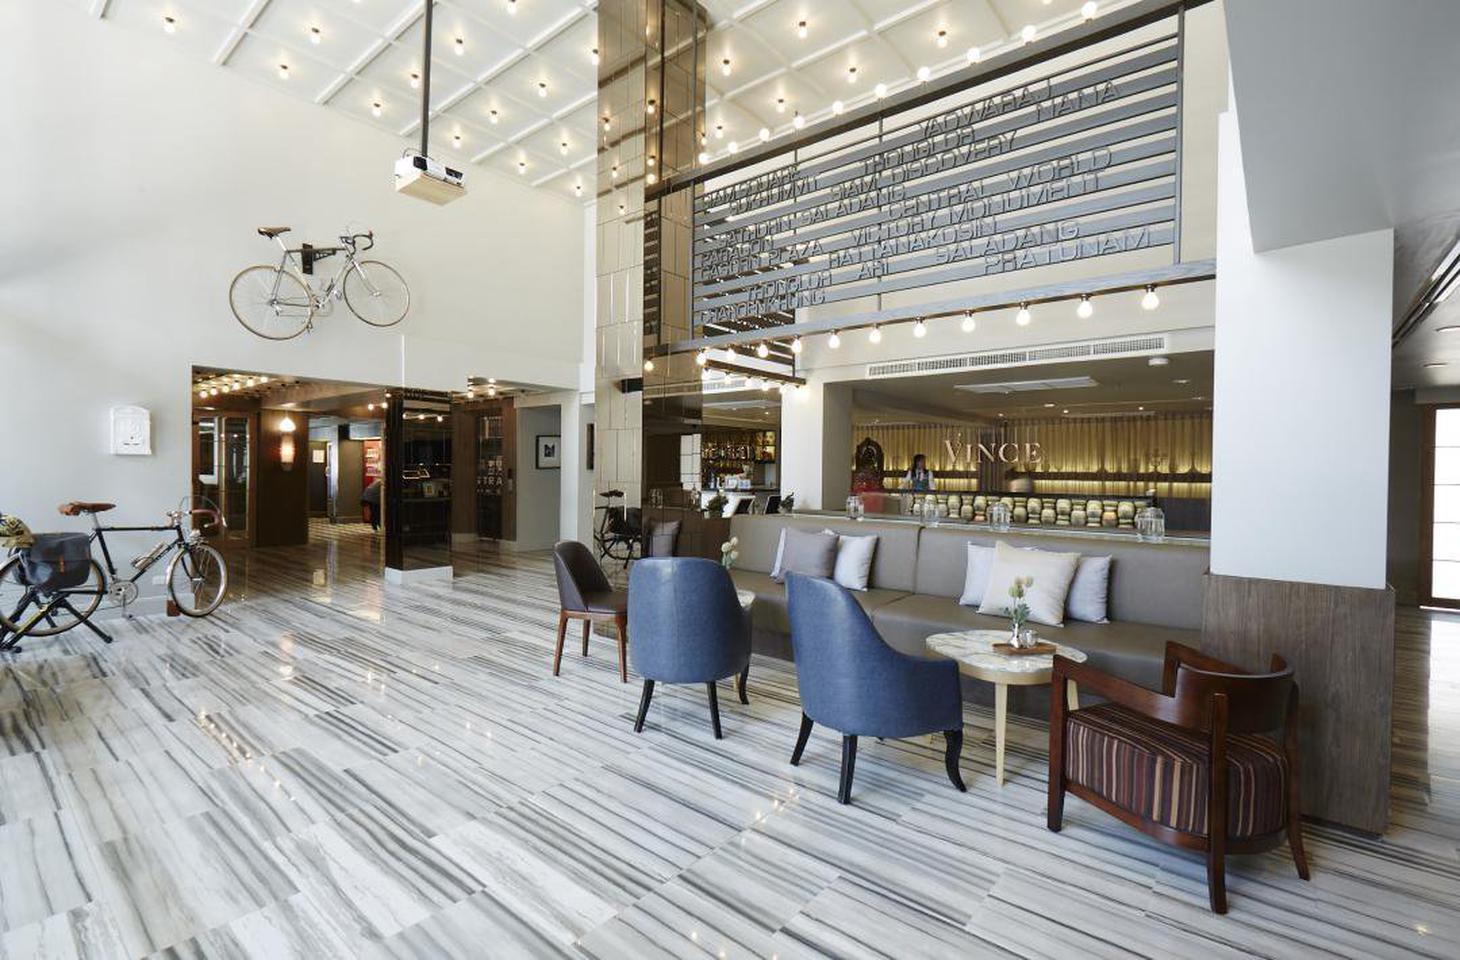 โรงแรมเปิดใหม่ ใจกลางกรุง ติดรถไฟฟ้า ราชเทวี รูปที่ 3